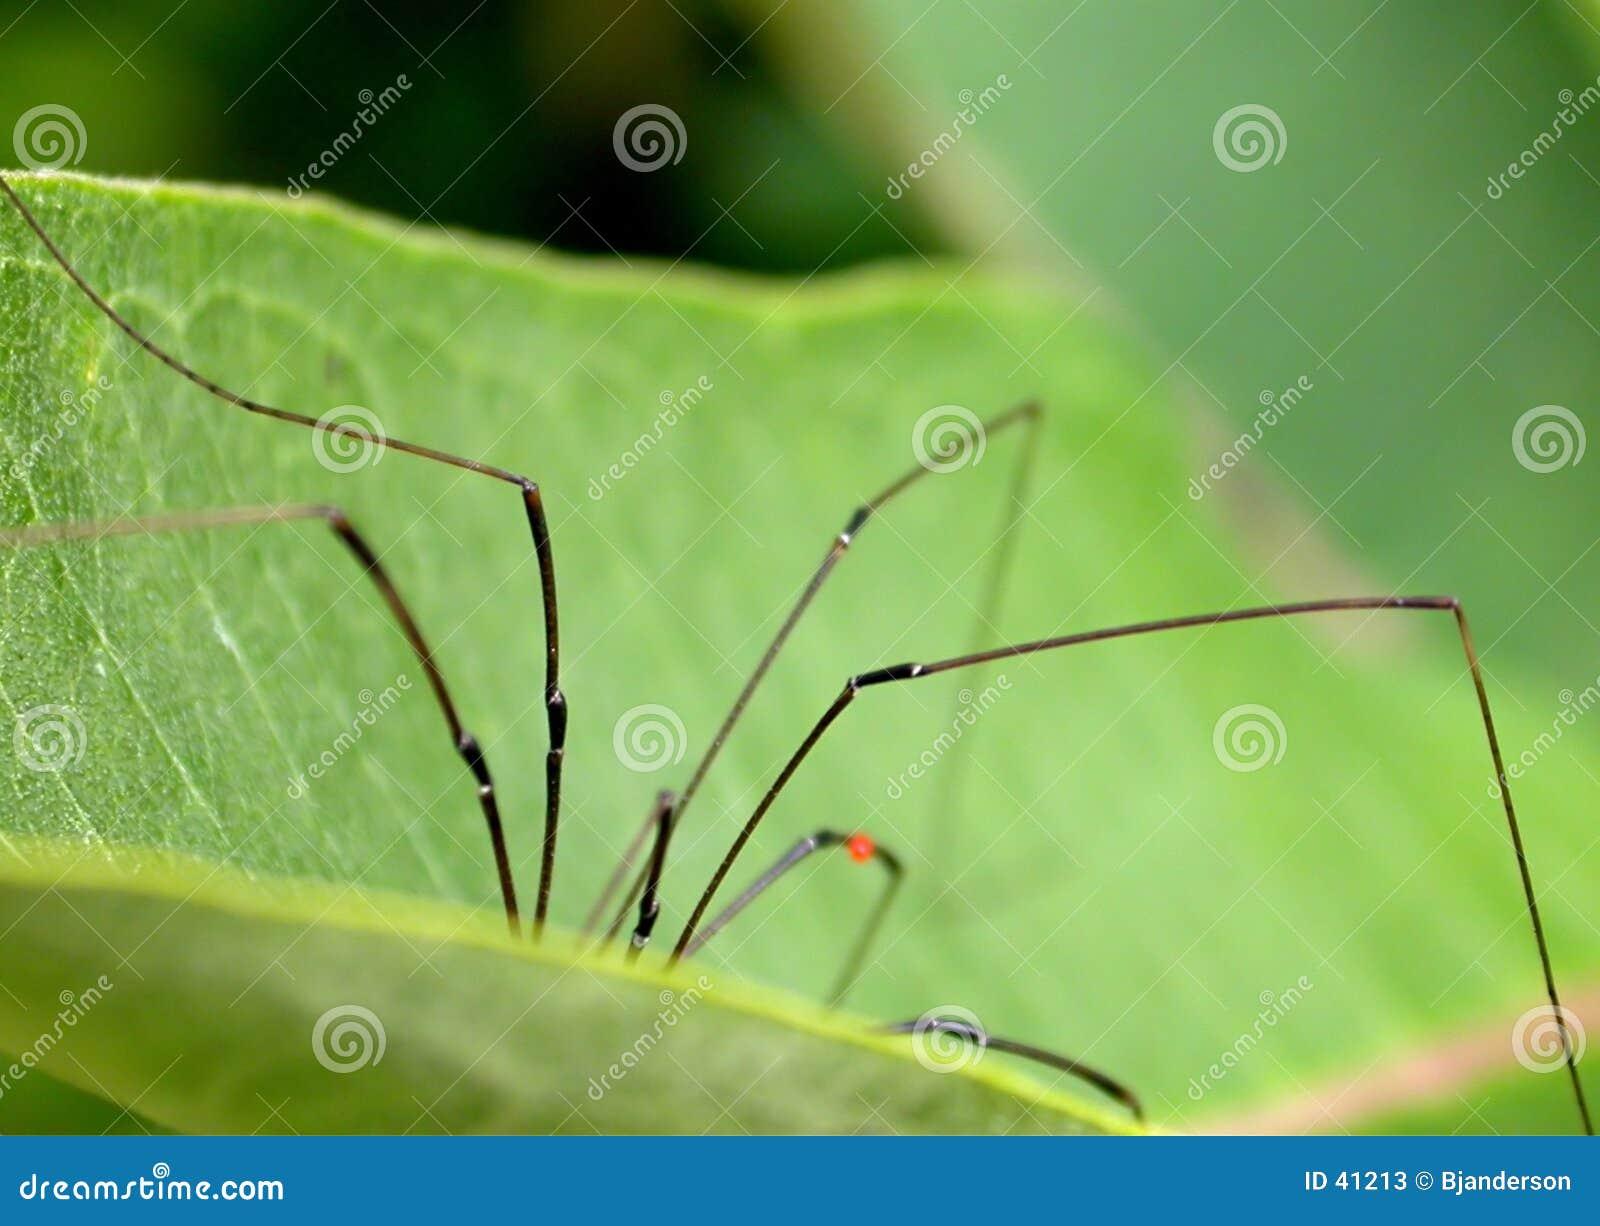 Download Araña en la hoja imagen de archivo. Imagen de verde, crawly - 41213